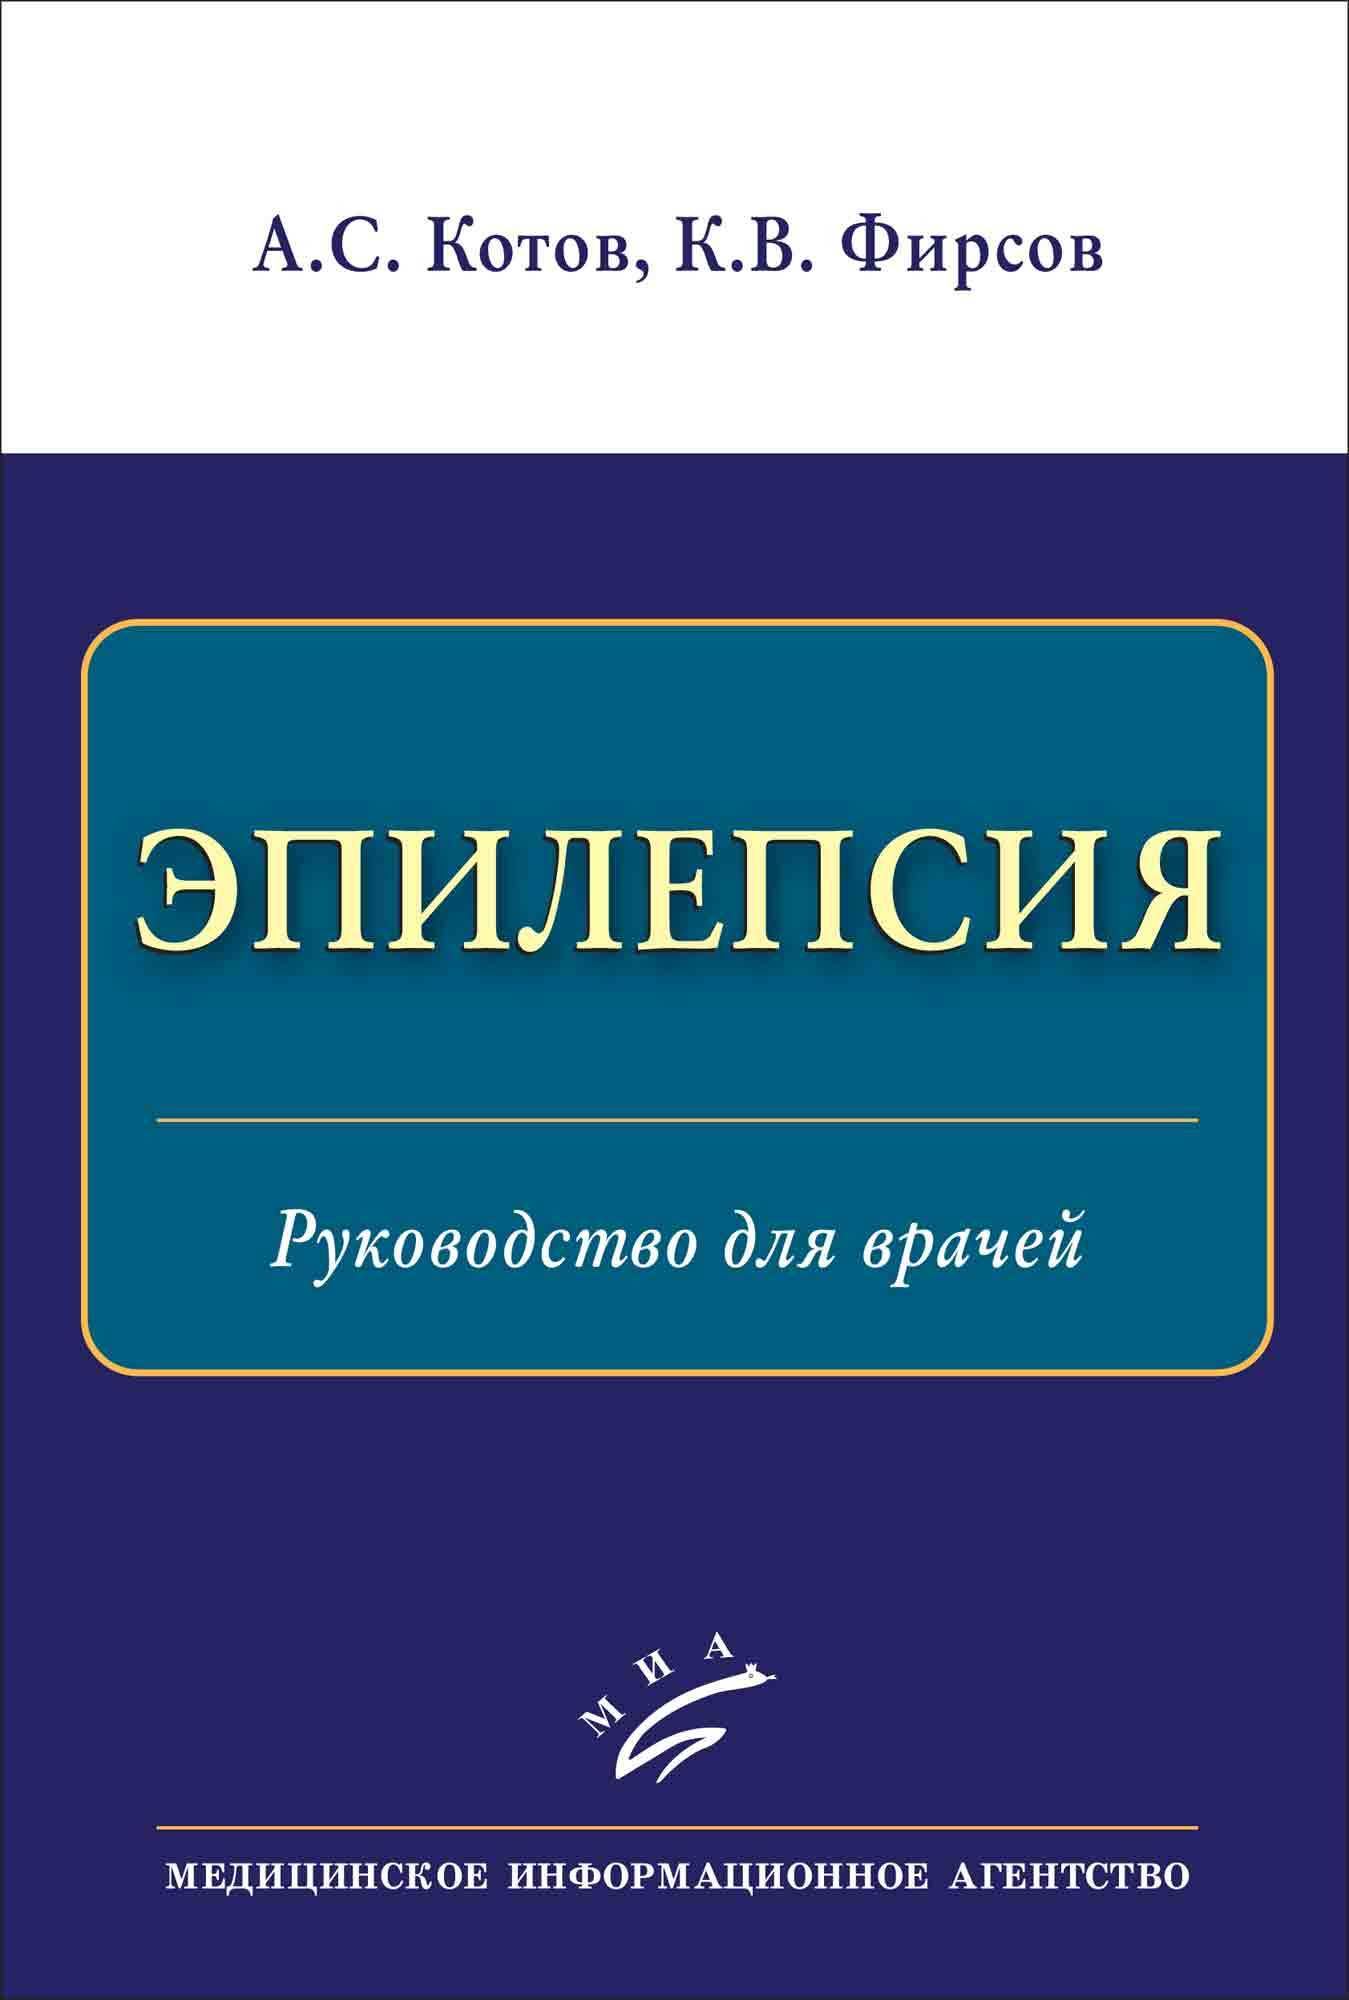 Новинки по нейро Эпилепсия. Руководство для врачей (Котов) Epilepsiya_Kotov.jpg